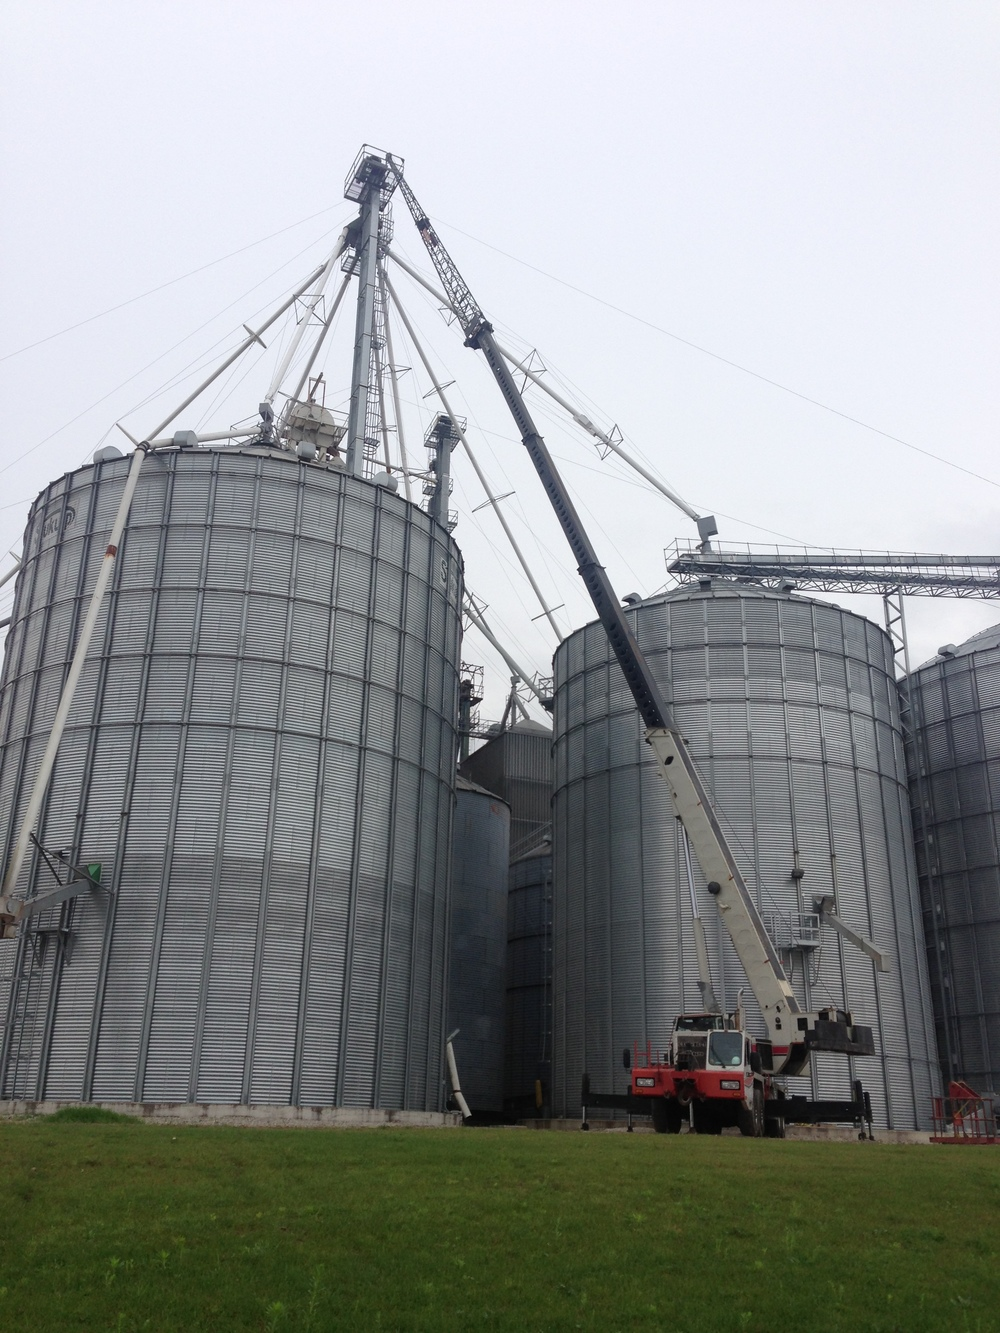 Grain bin spout lifted by mobile crane